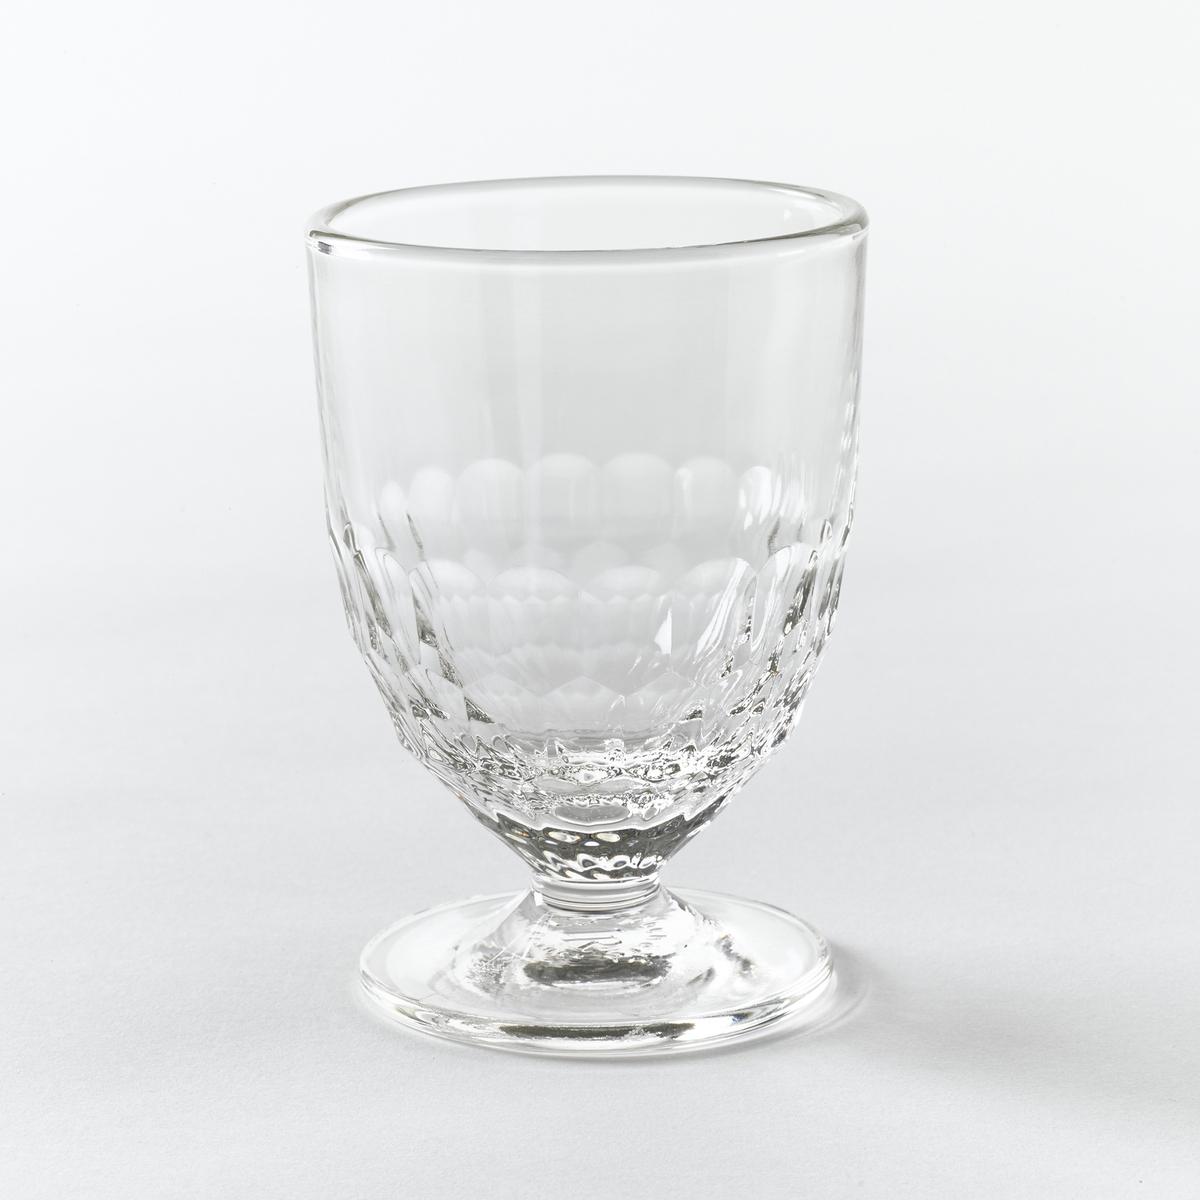 6 стаканов для вина с узором в виде сот, CohaniХарактеристики 6 стаканов для вина с узором в виде сот Cohani :- Прессованное стекло, очень прочное- Рельефный декор в виде сот.- Объем 217 см3.- Диаметр 7,8 x Высота 11 см.- Можно использовать в посудомоечной машине.- Произведено во Франции.Откройте для себя стаканы для воды того же набора на сайте laredoute.ru<br><br>Цвет: стеклянный прозрачный